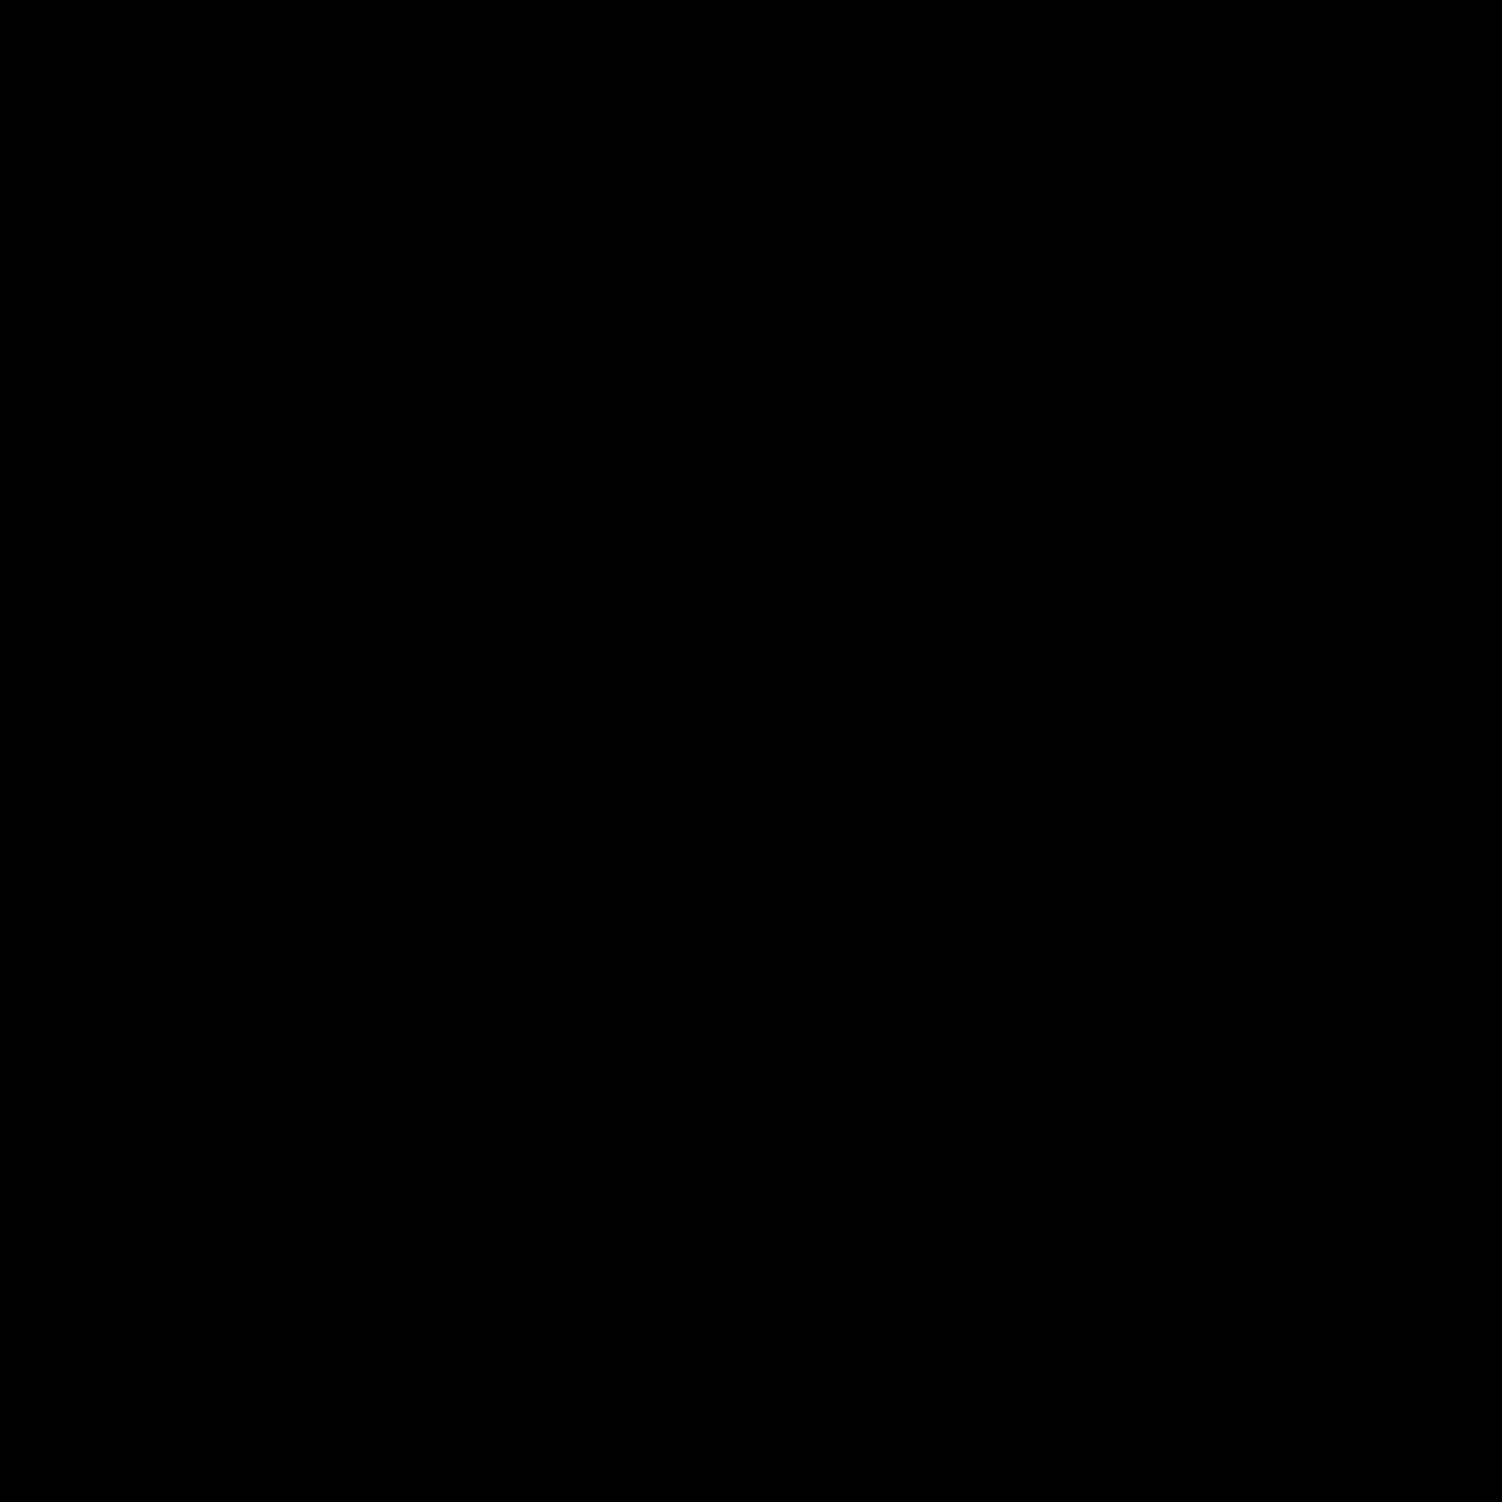 Étiquette ronde D 50 mm